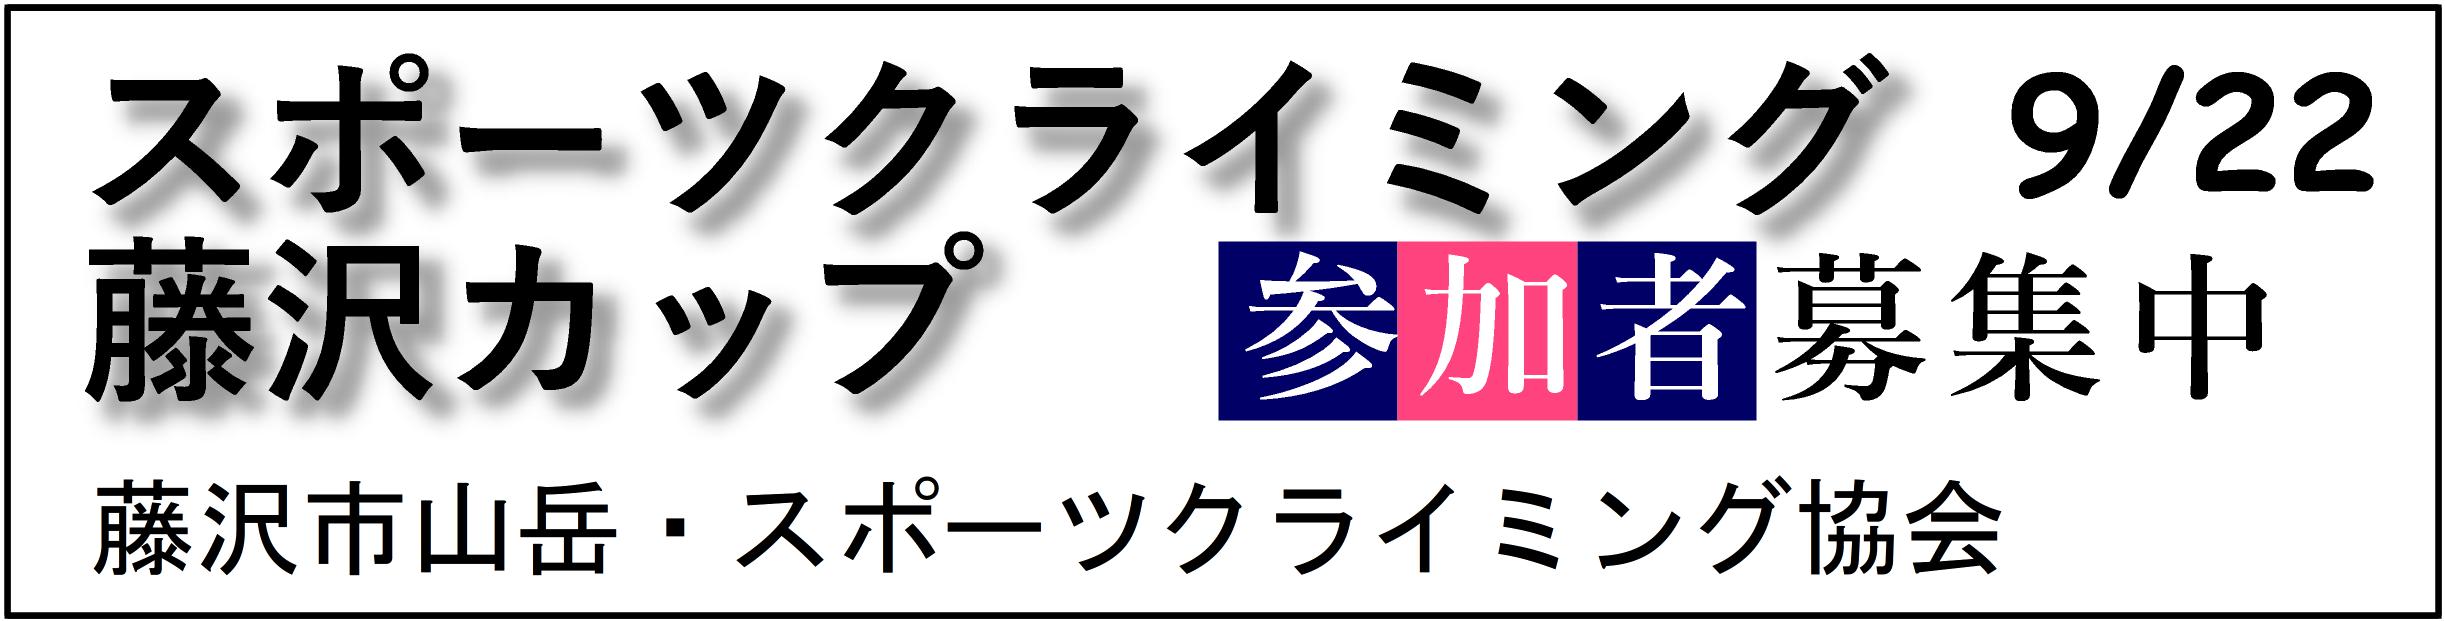 スポーツクライミング藤沢カップ